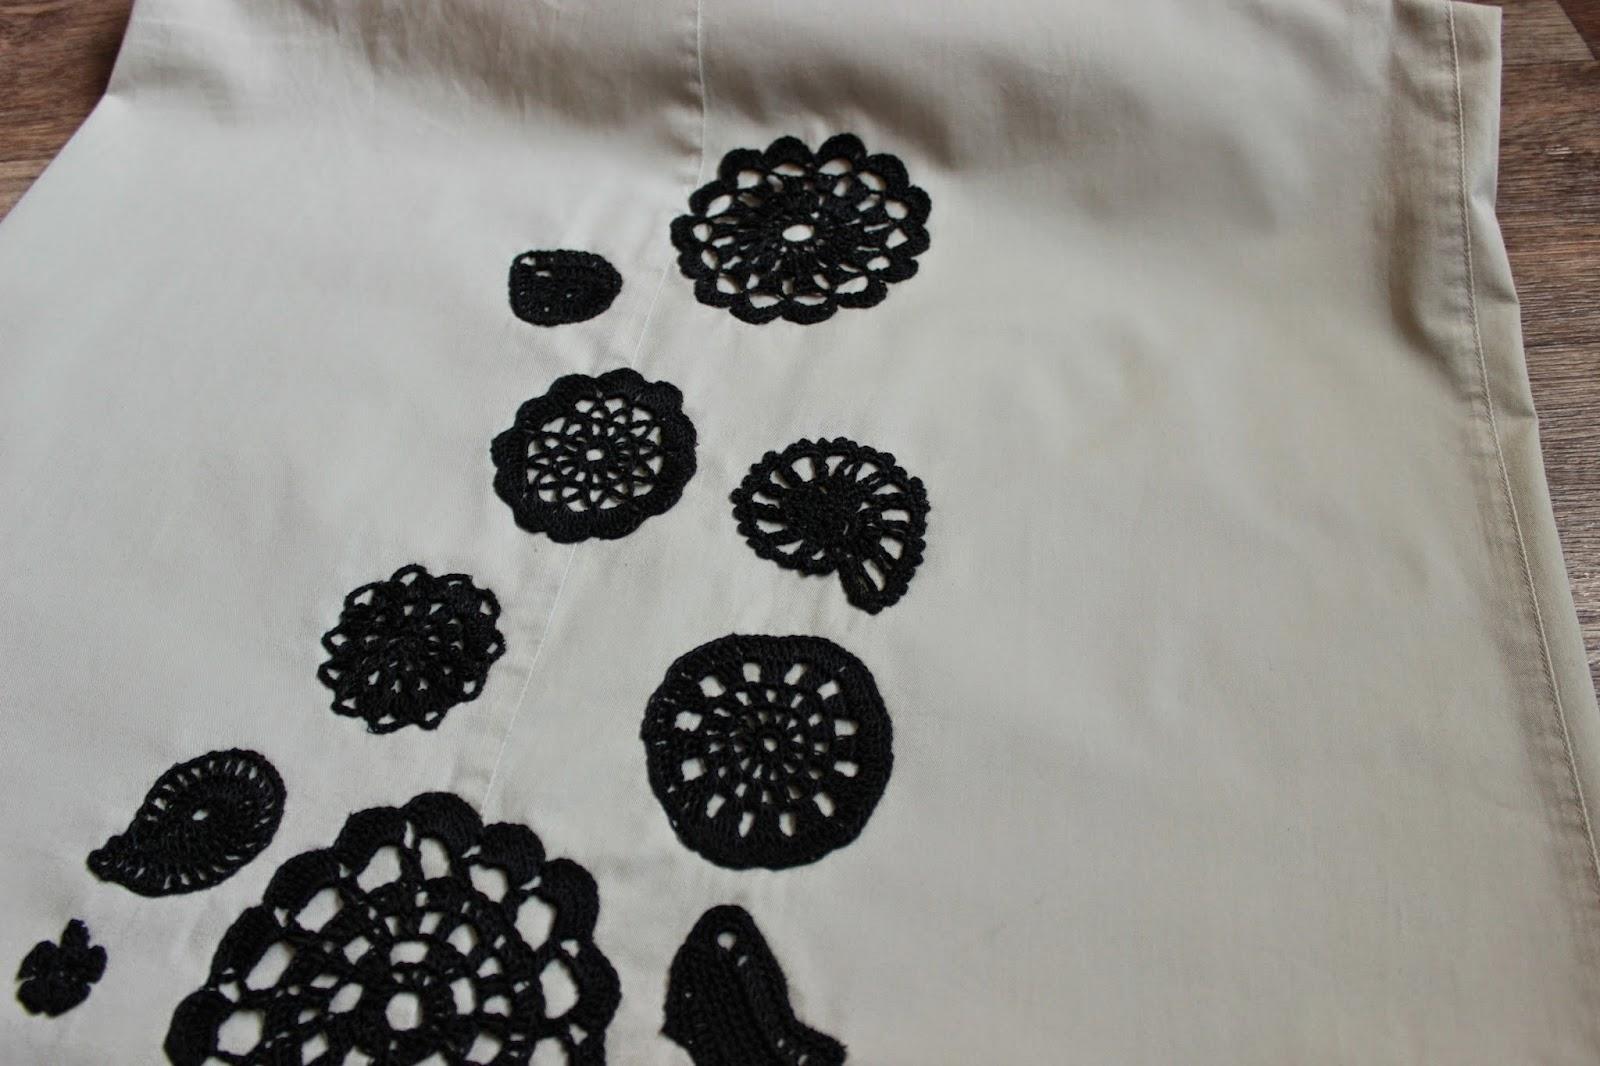 вязаные элементы, юбка, красивая юбка, юбка с вязаными элементами, вязаные цветы,  юбка в этно стиле